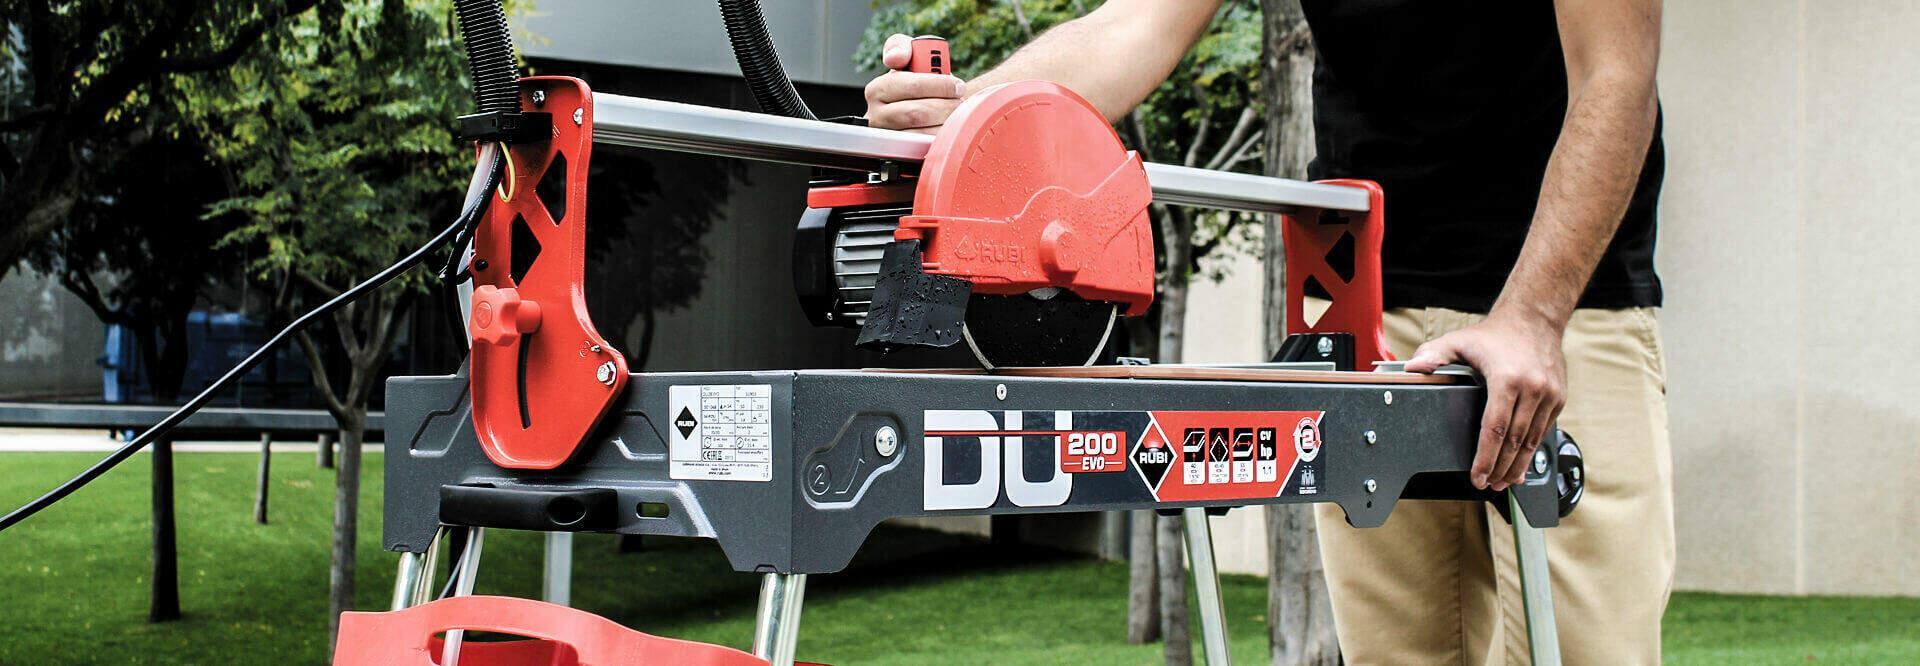 RUBI présente le C3 System, un système innovant pour un meilleur rendement durant les travaux de coupes